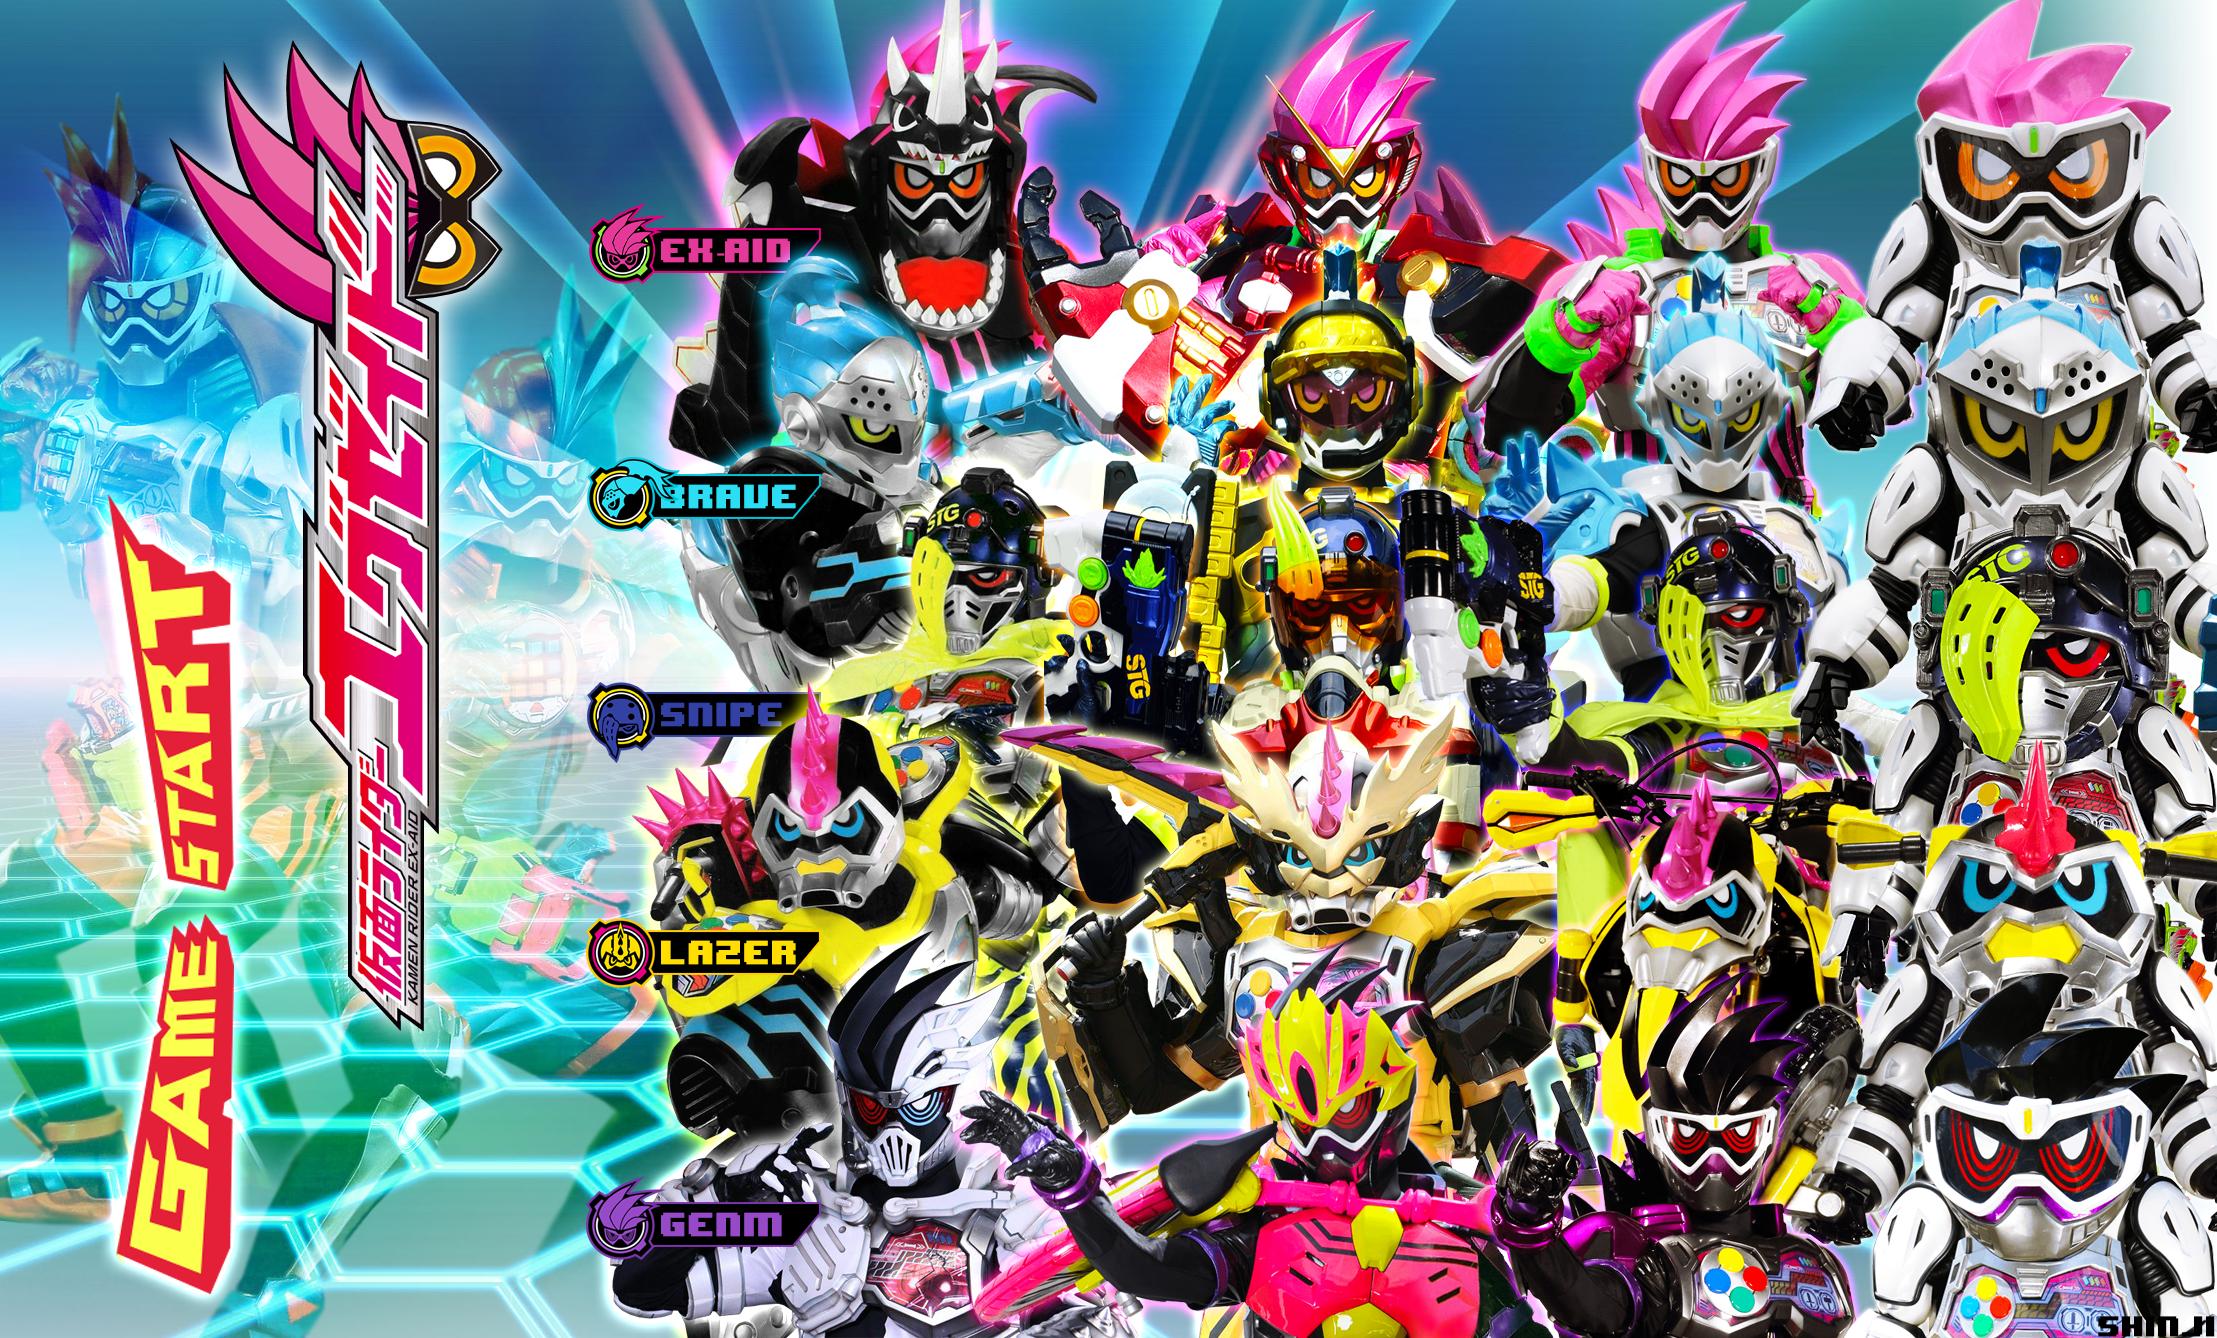 Kamen Rider Ex Aid Brave Snipe Lazer Genm Level Up By Malecoc On Deviantart